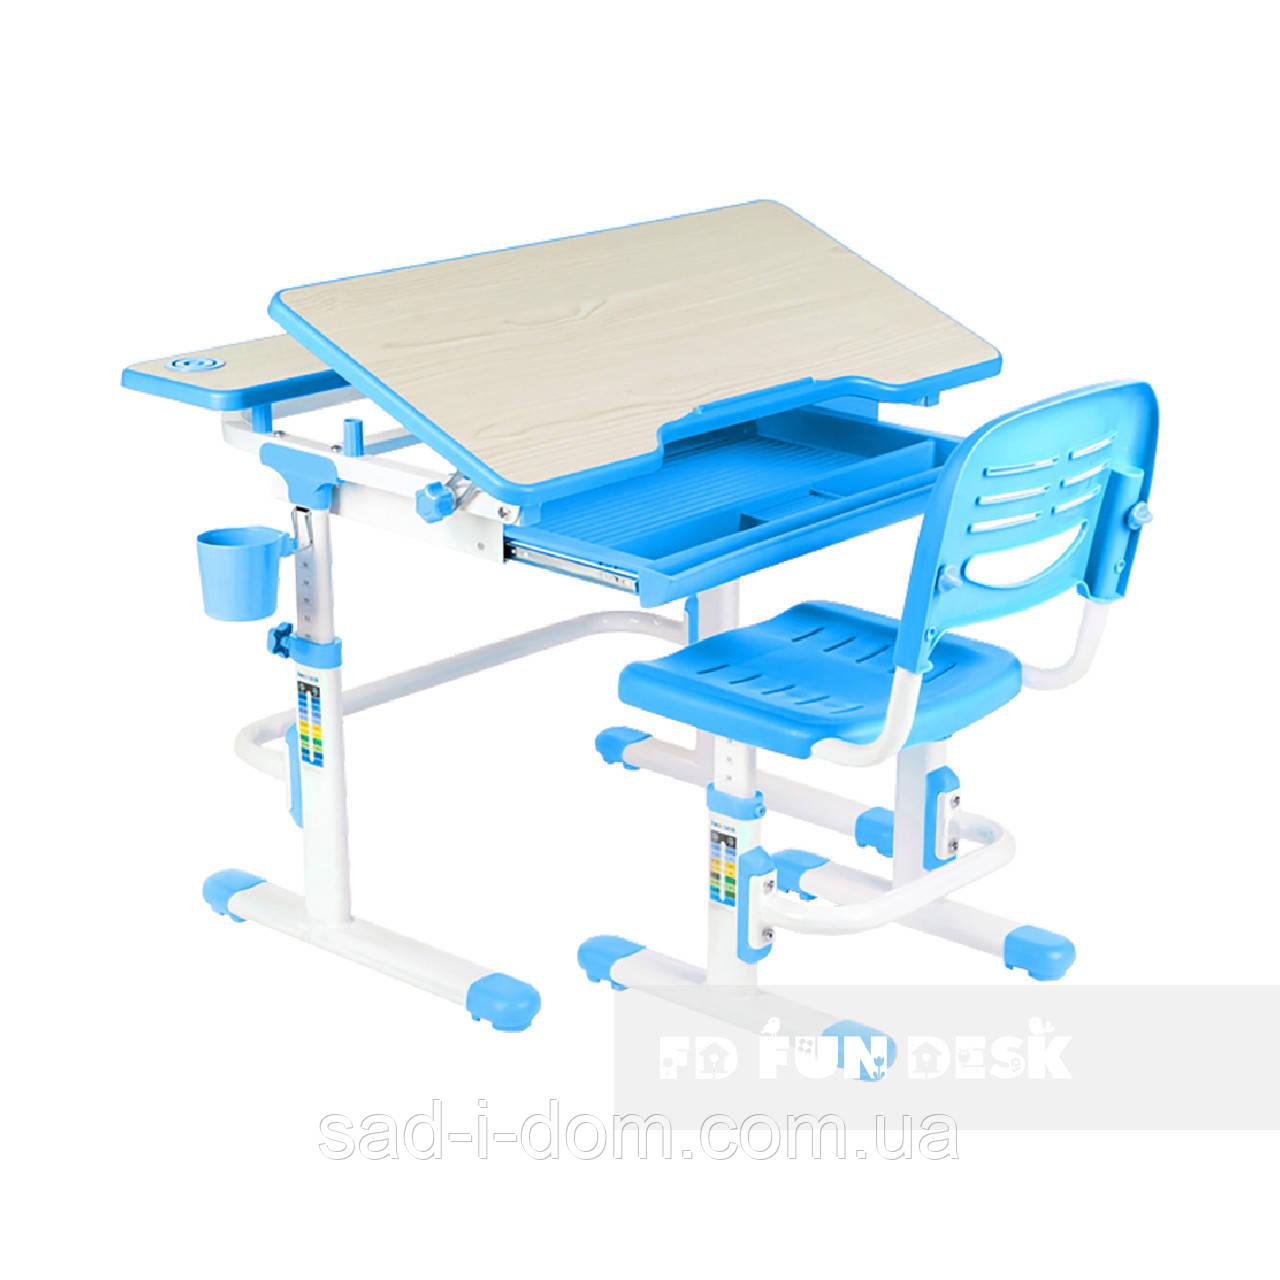 Растущая парта и стул для школьника, детская парта Fundesk Lavoro, голубая